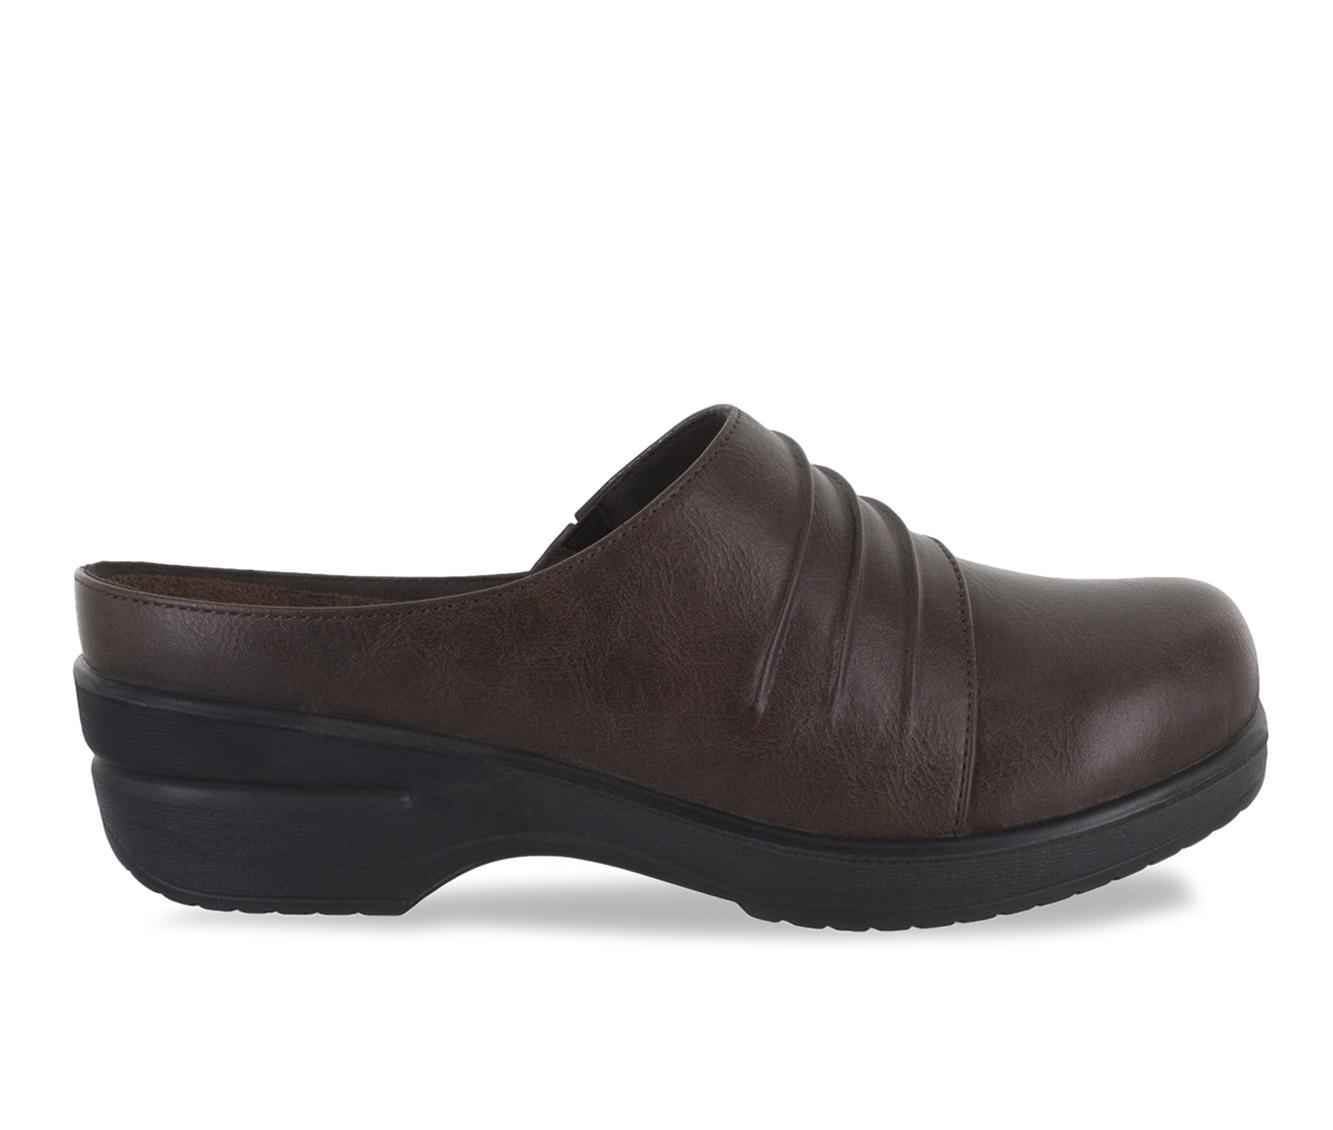 Easy Street Oren Women's Shoe (Brown Faux Leather)